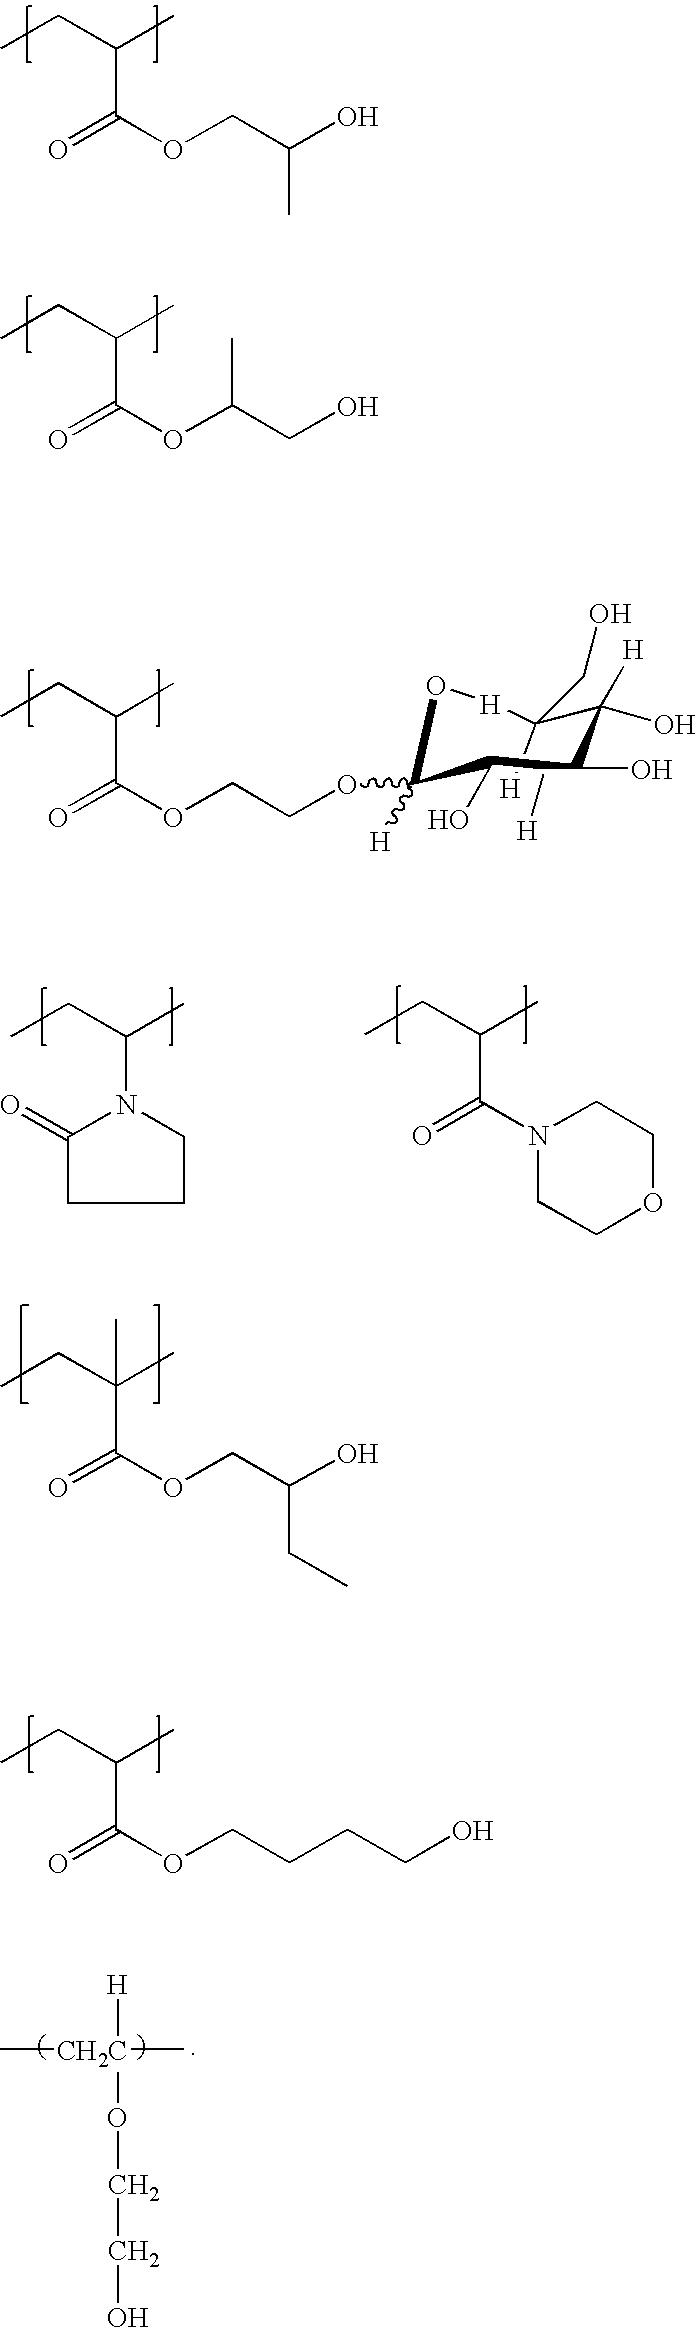 Figure US07335700-20080226-C00033